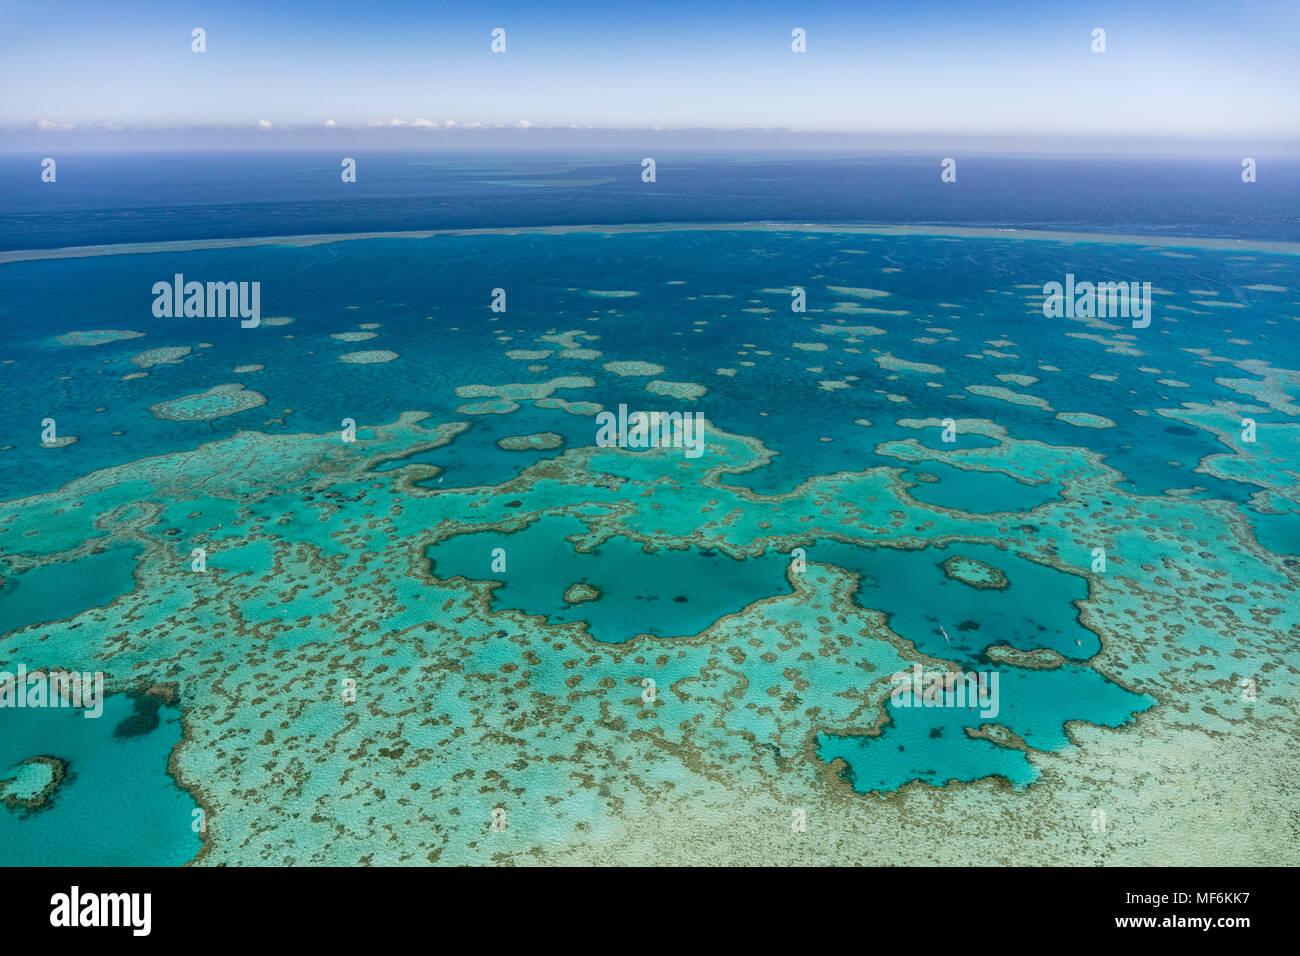 Les structures dans le Récif Extérieur, Grande Barrière de Corail, Queensland, Australie Photo Stock